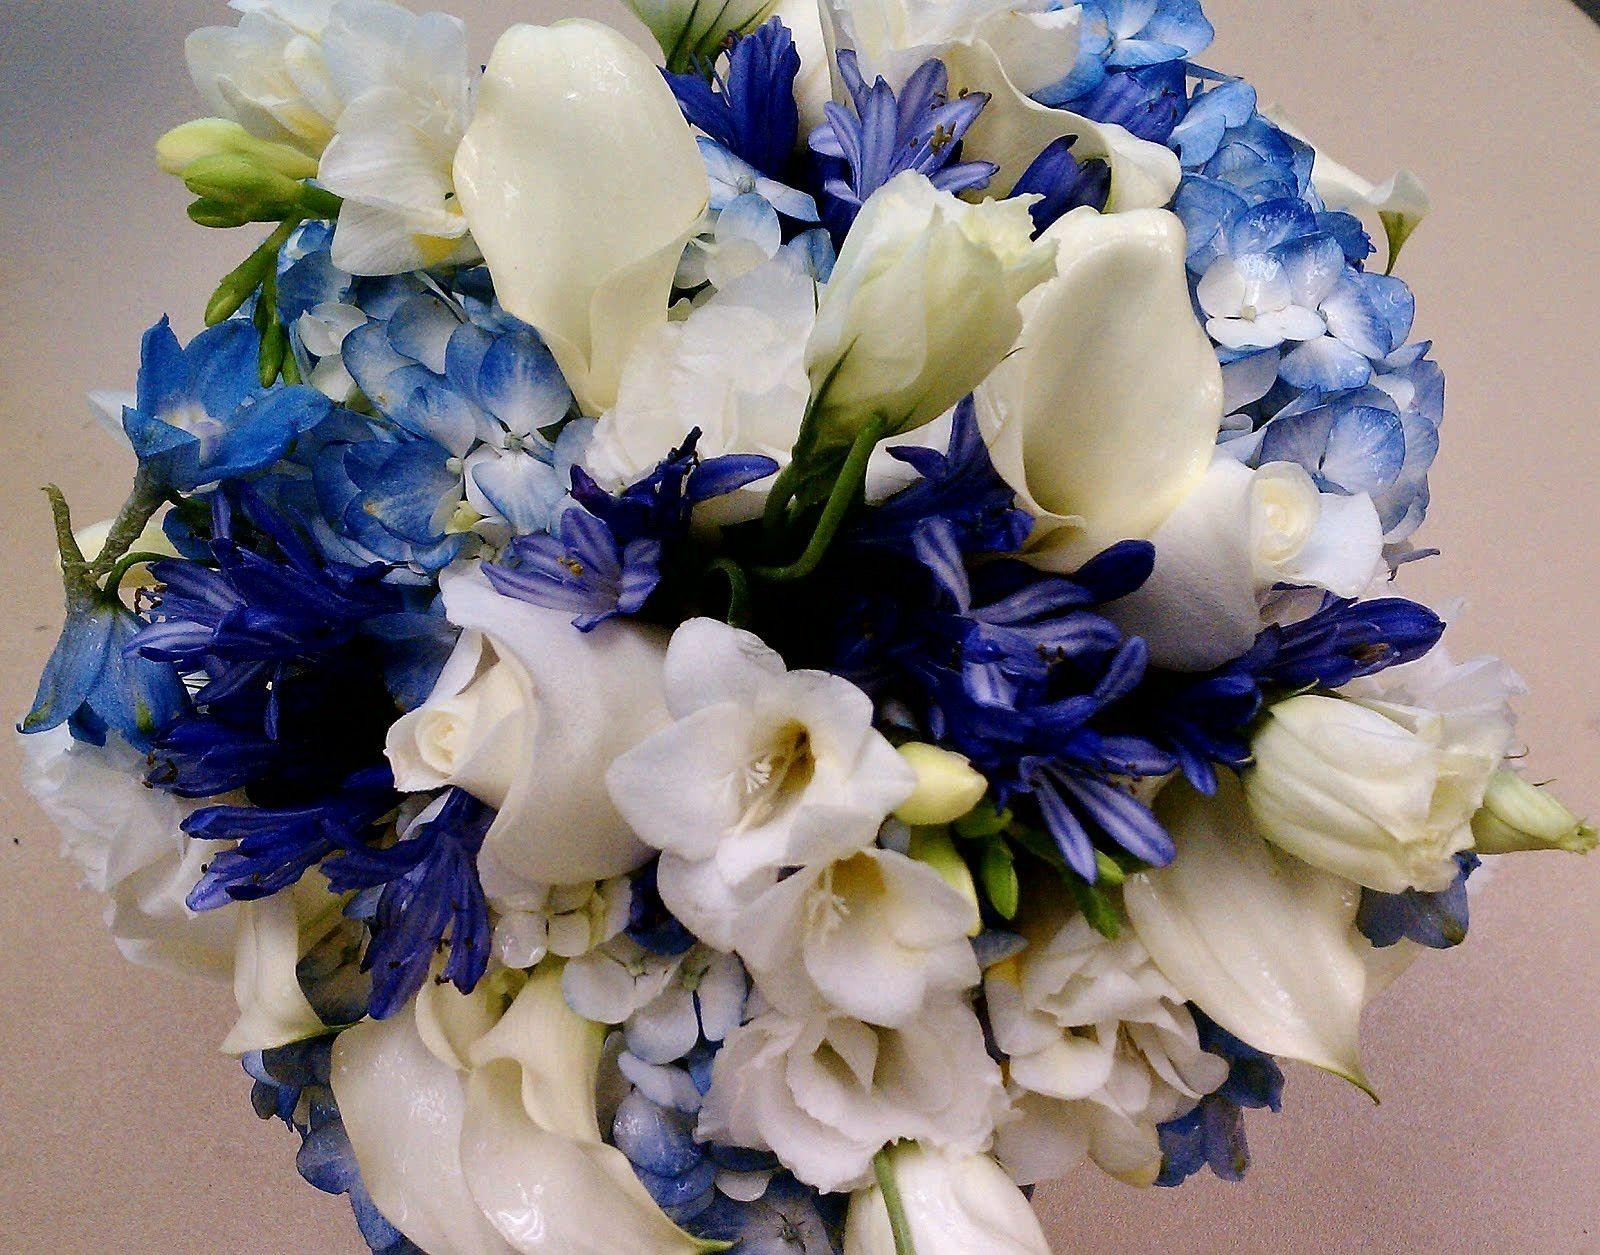 Blue Hydrangea, Blue-Violet Agapanthus, Blue Delphinium ...